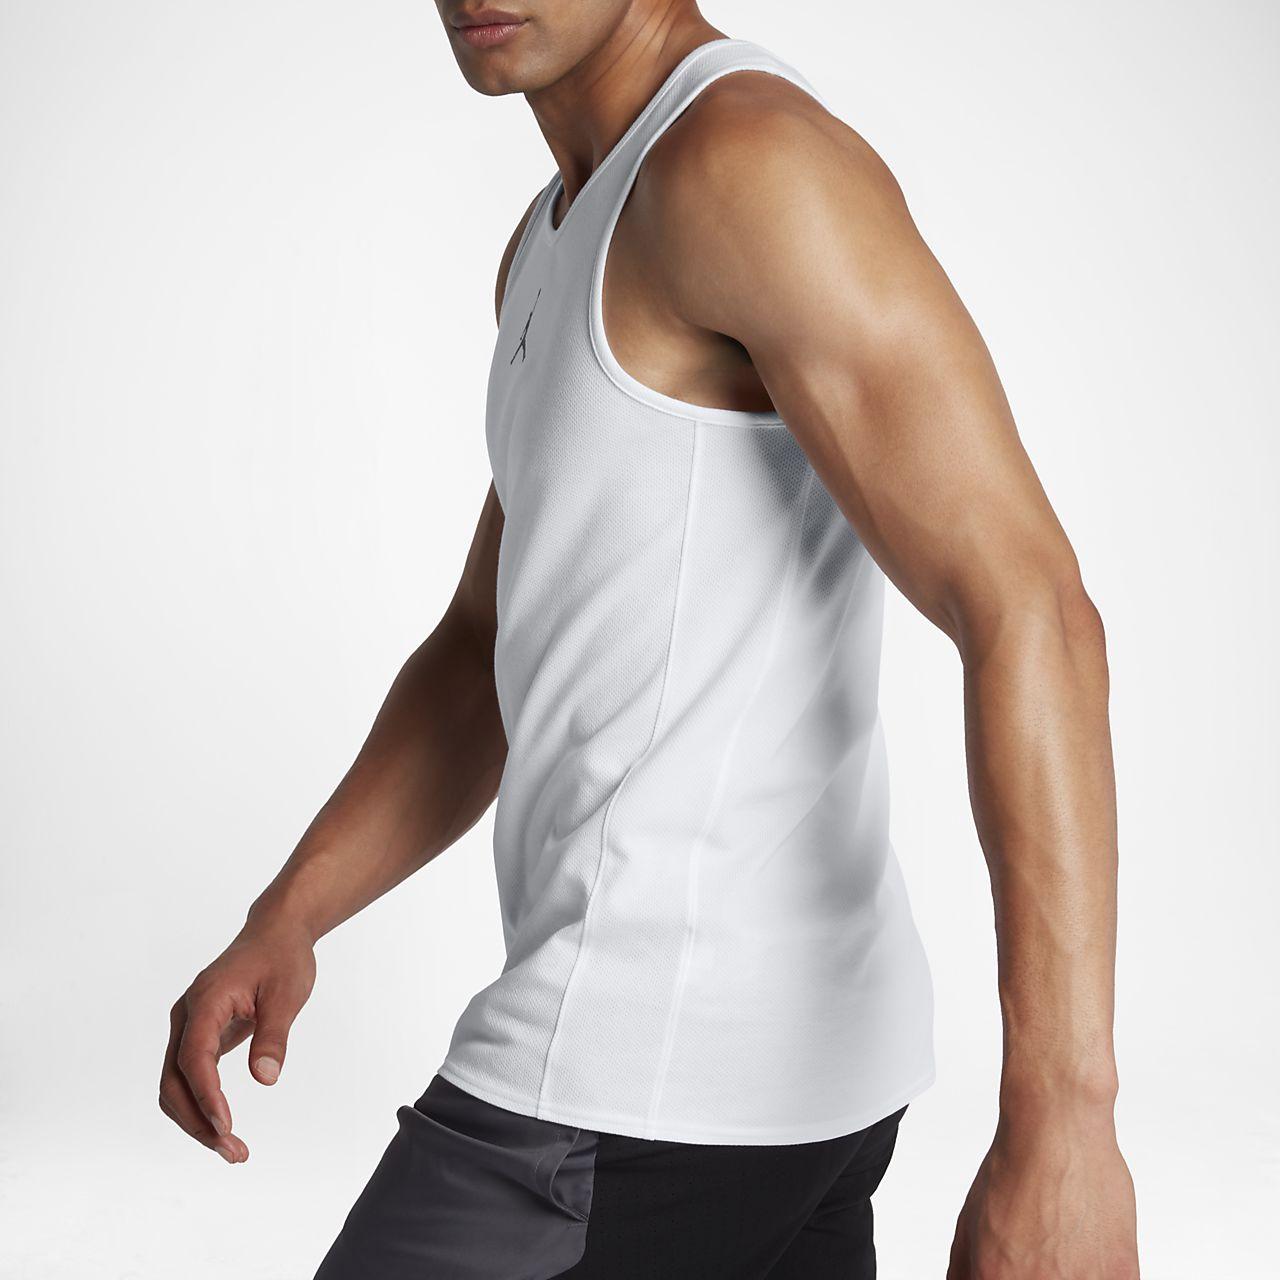 Jordan Hombre De Flight Baloncesto Camiseta Tirantes hQrdts